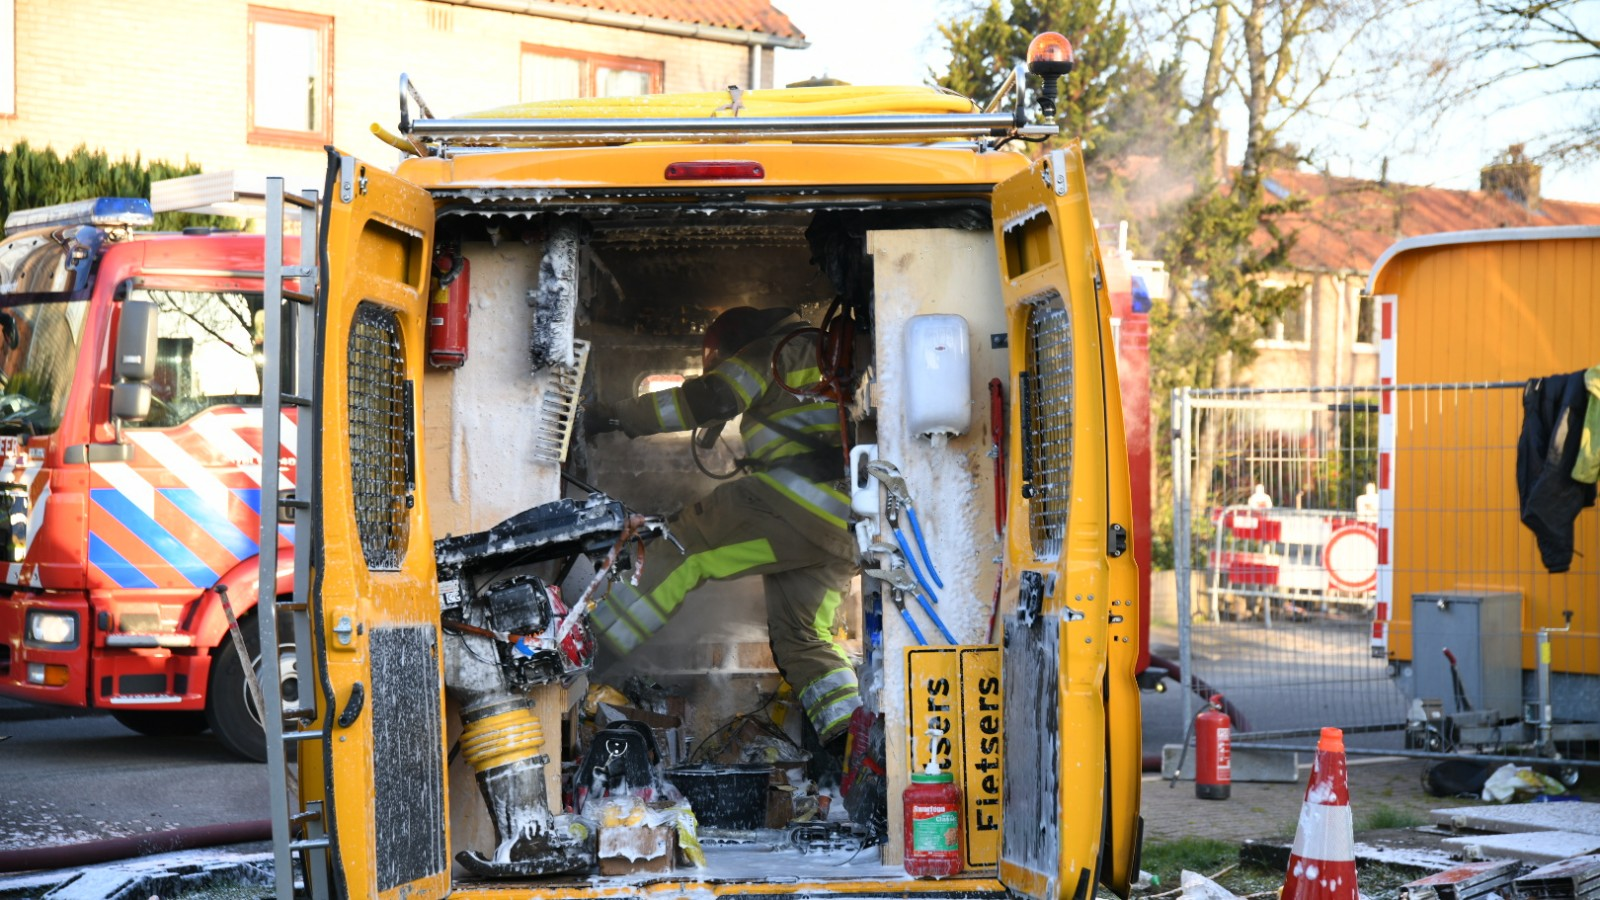 Aannemersbusje uitgebrand in Loosdrecht